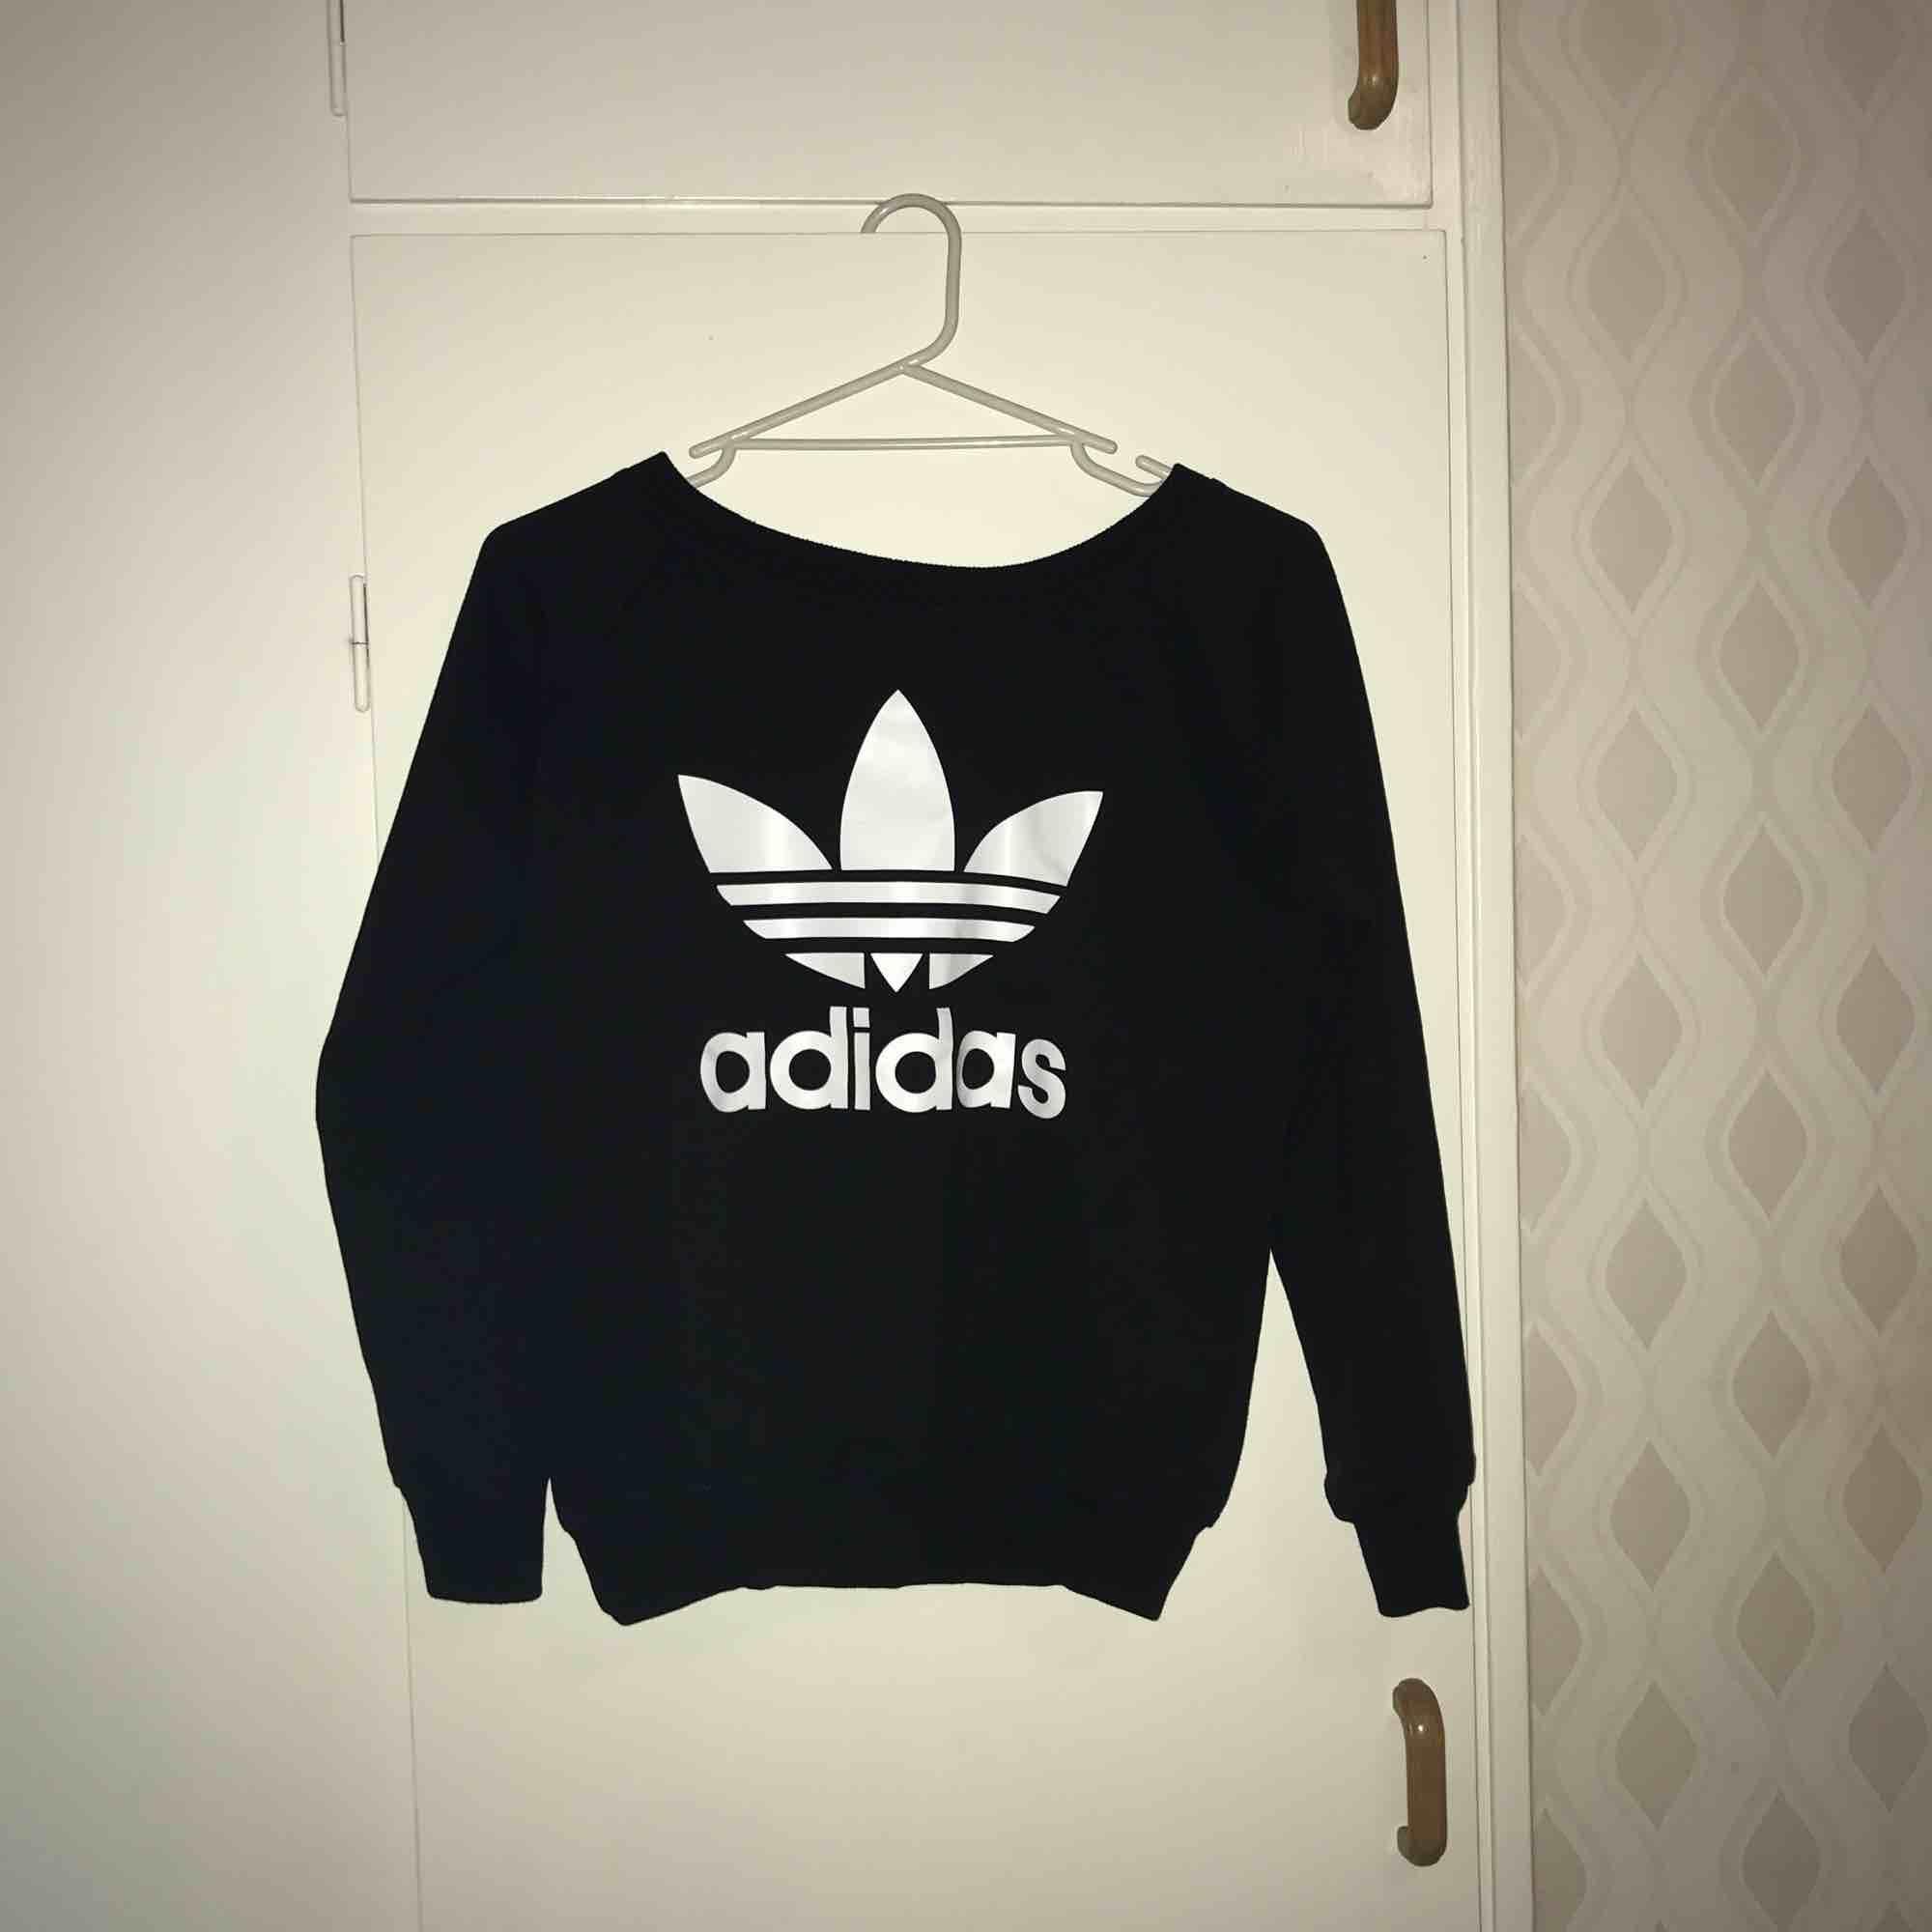 Svart Adidas tröja, storlek S. Aldrig använd pga av fel storlek. Kan tänka mig att gå ner i pris vid snabb affär. :) . Tröjor & Koftor.